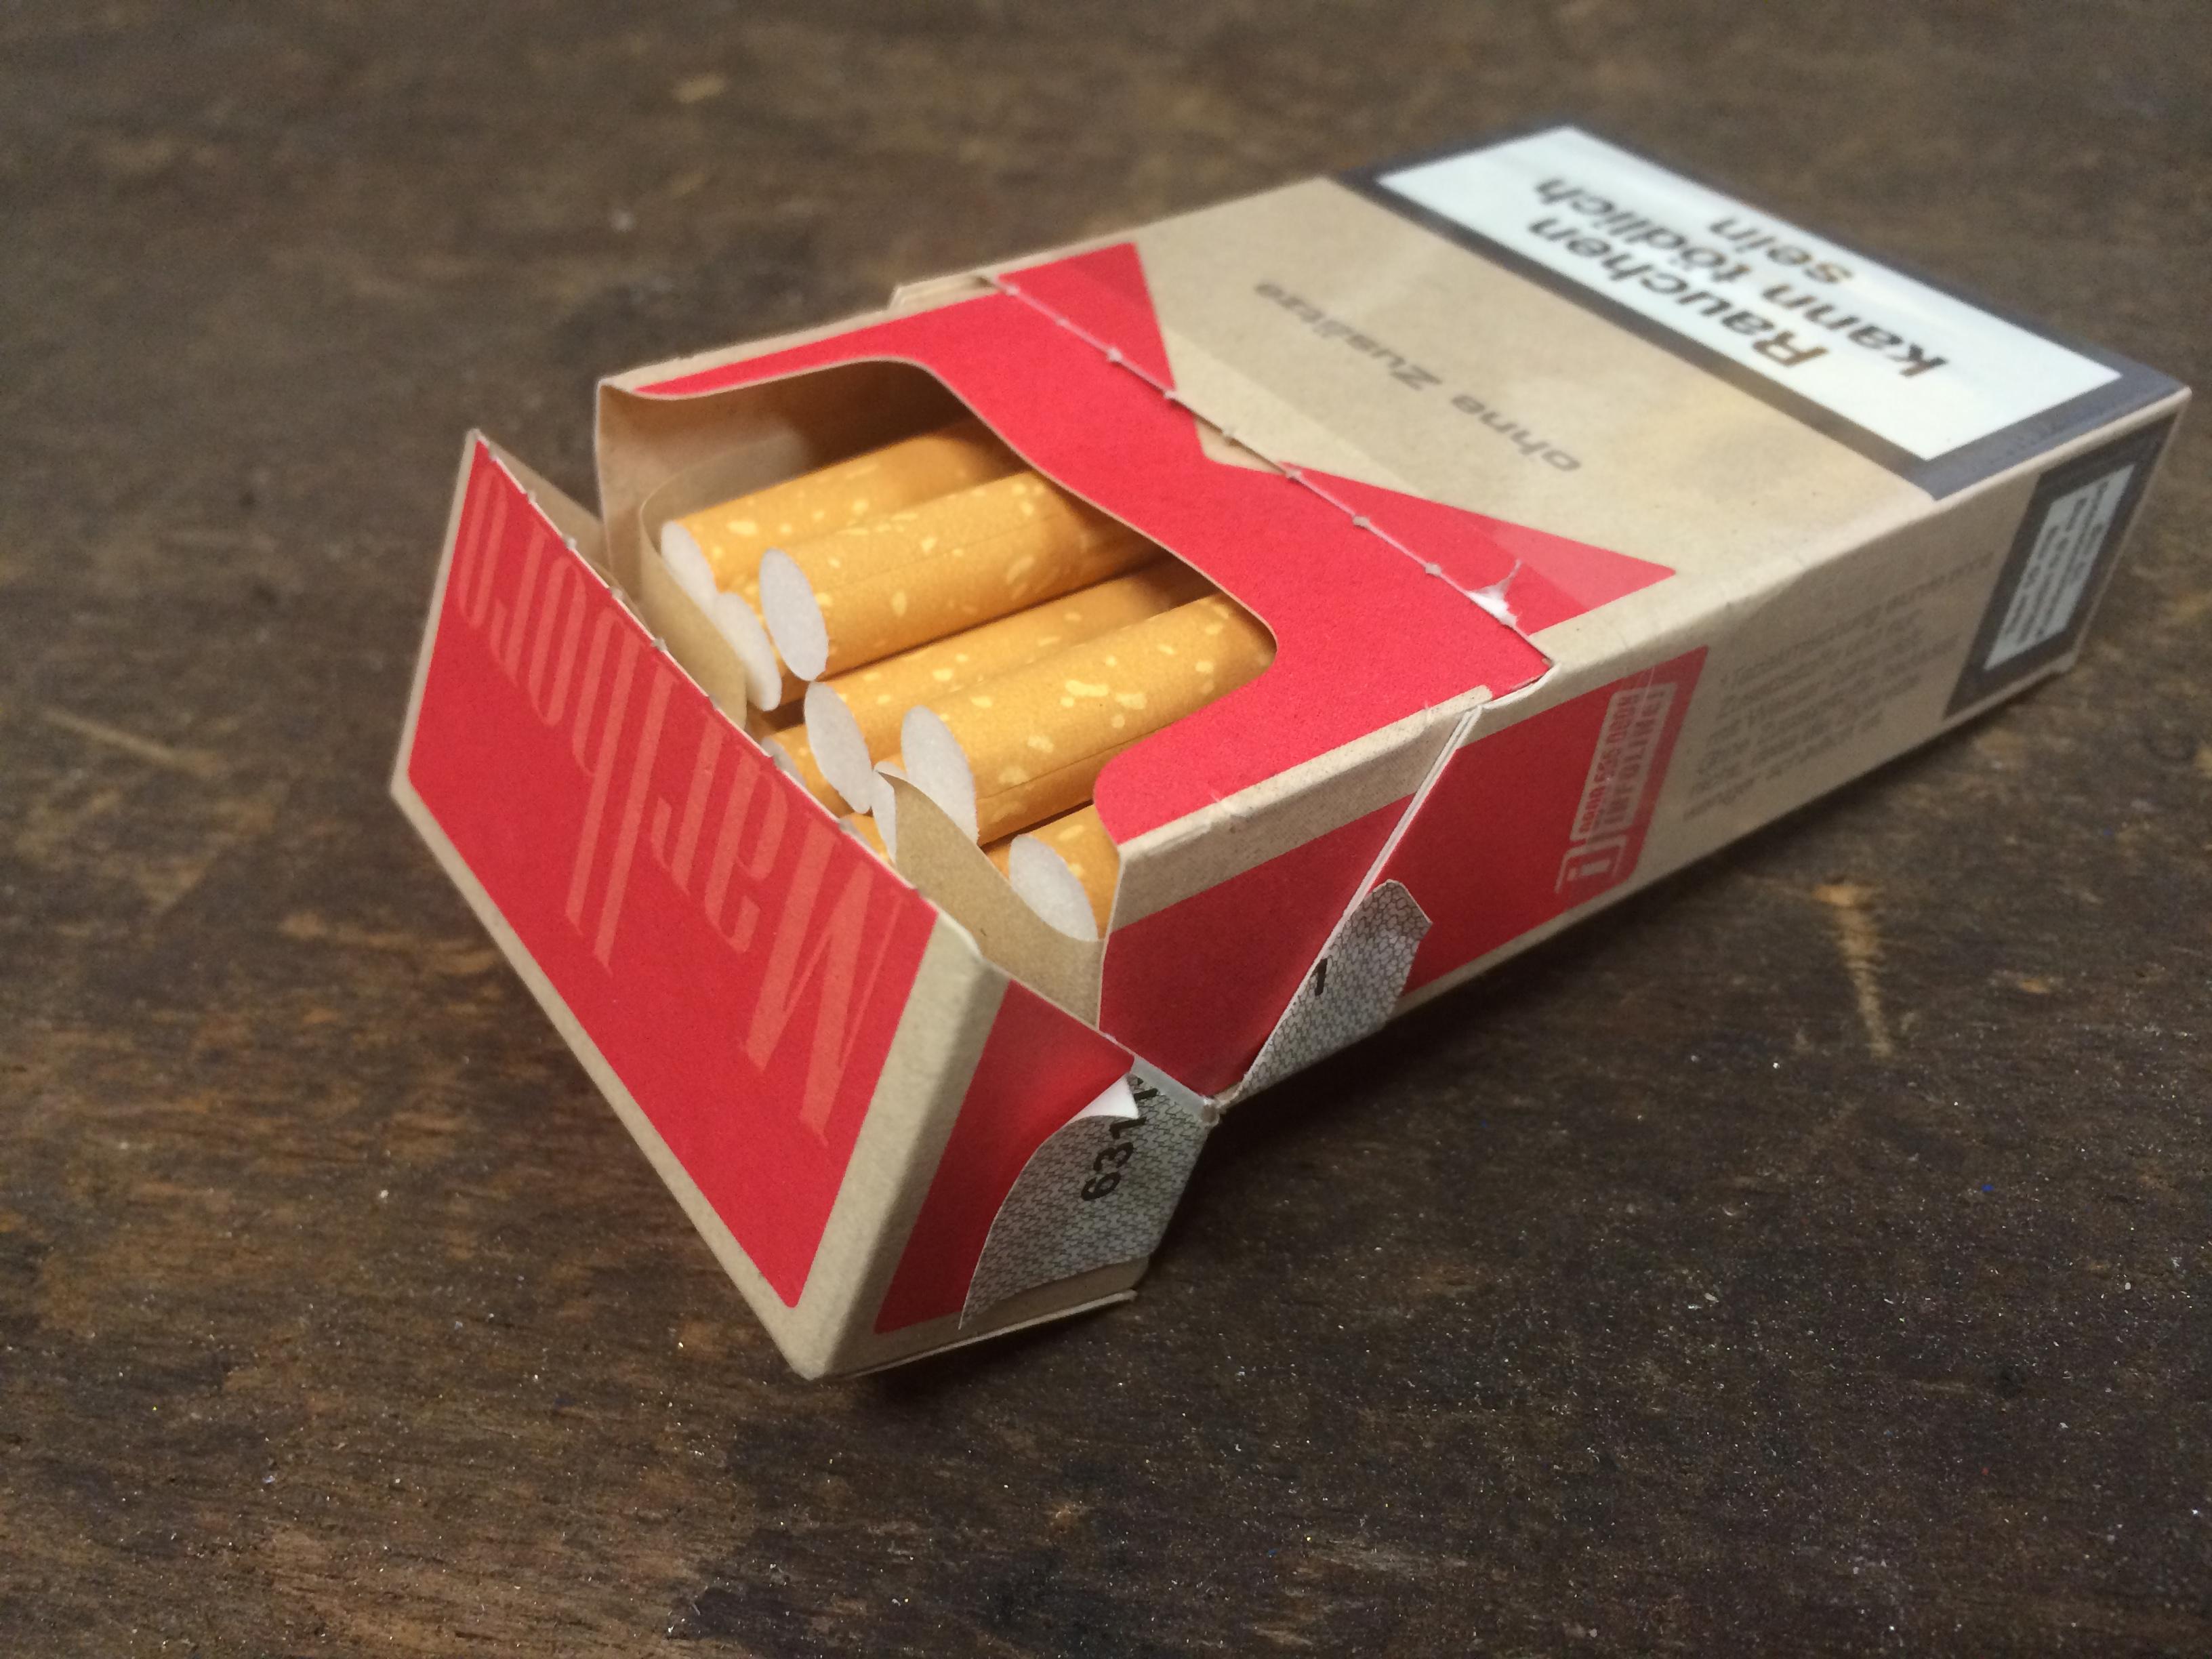 Warum rauchen Sie noch, obwohl Sie aufhören wollen?